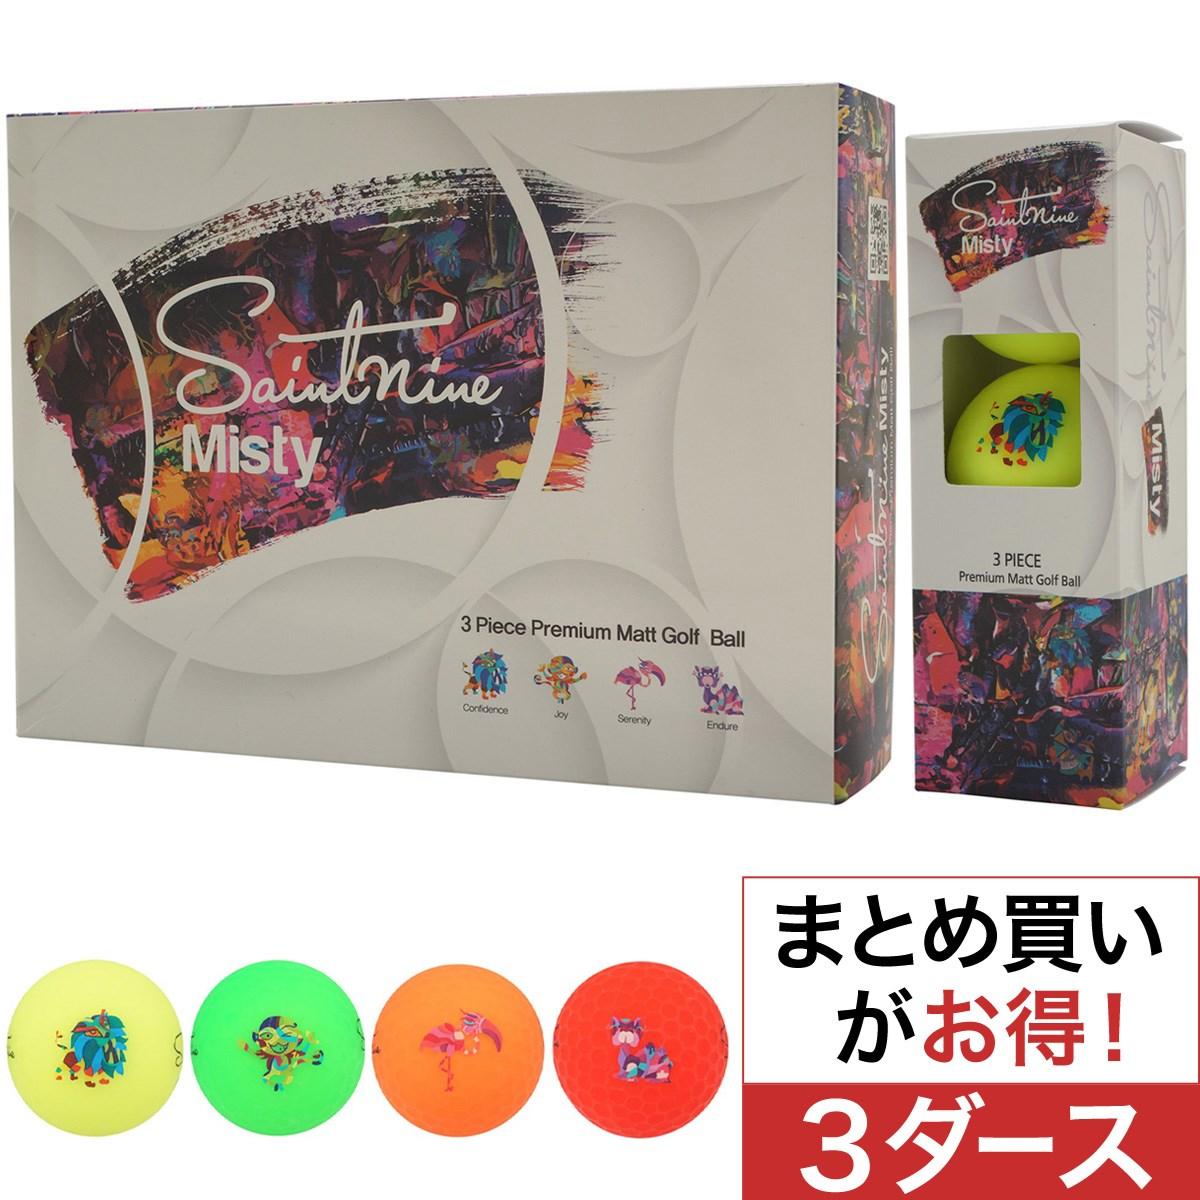 その他メーカー SAINTNINE Misty-Matte ボール 3ダースセット【非公認球】